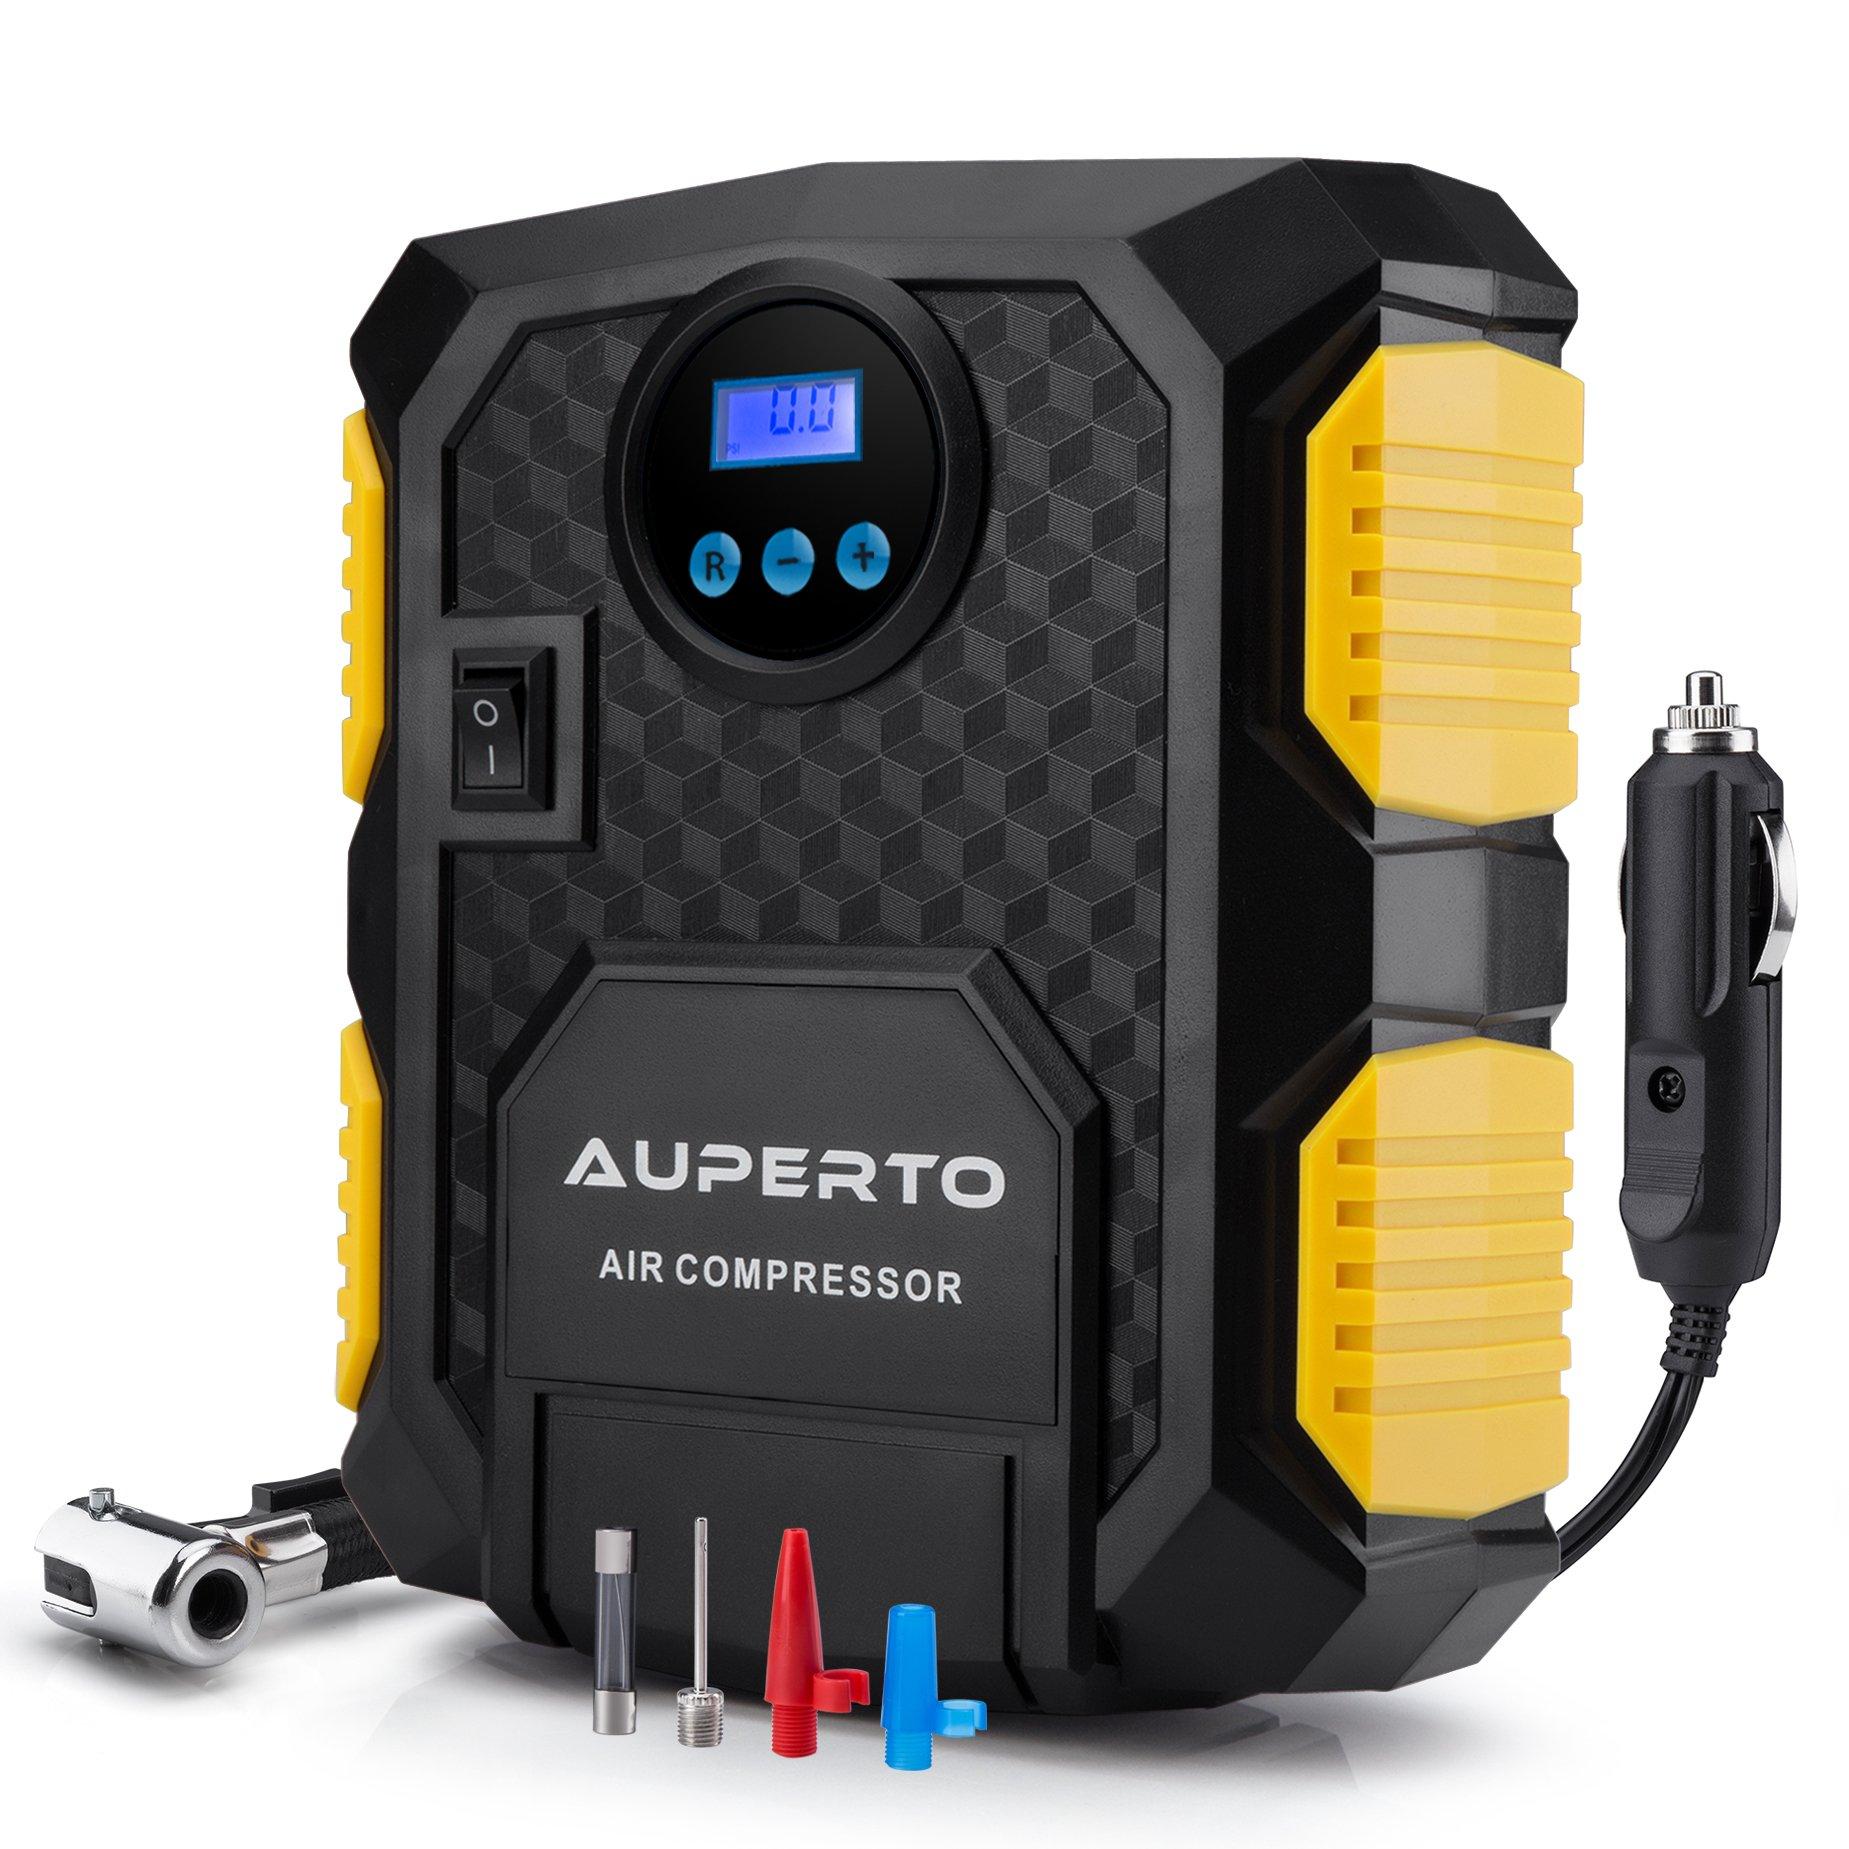 AUPERTO Digital Tire Inflator, Electric DC 12 Volt Car Portable Air Compressor Pump - 150 PSI